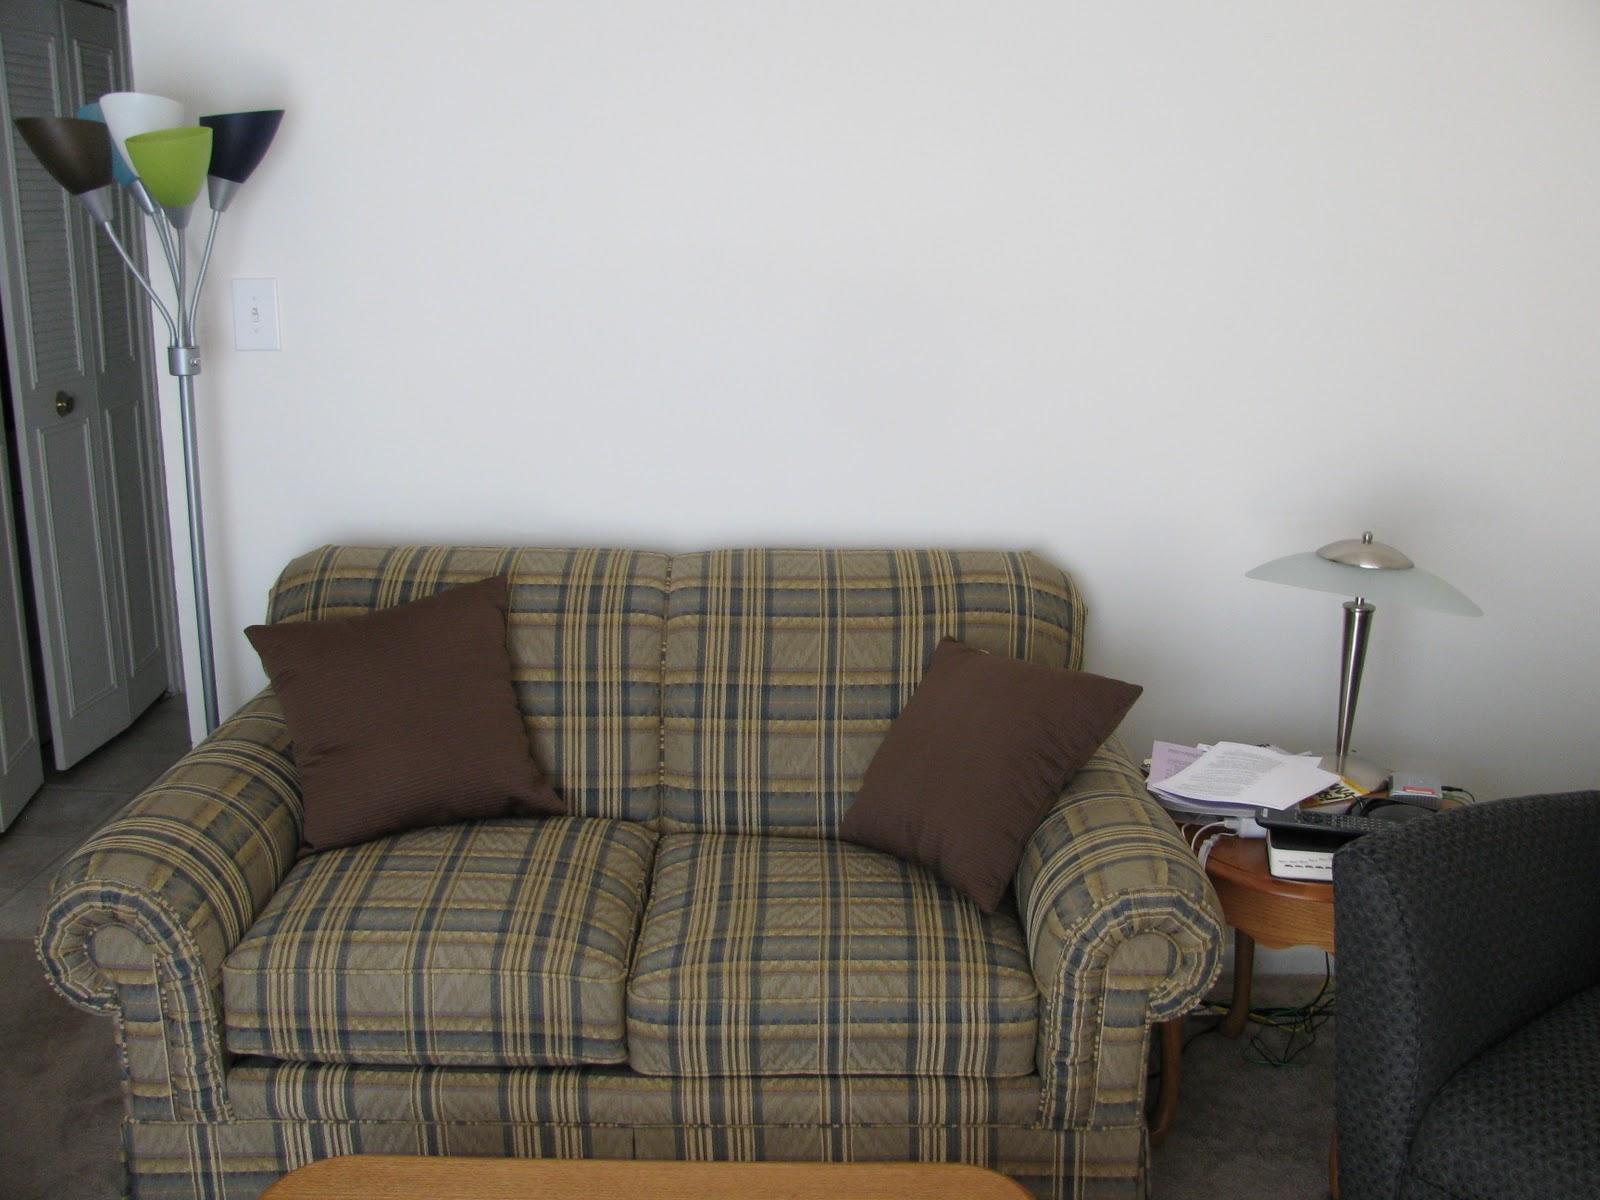 make shift couches